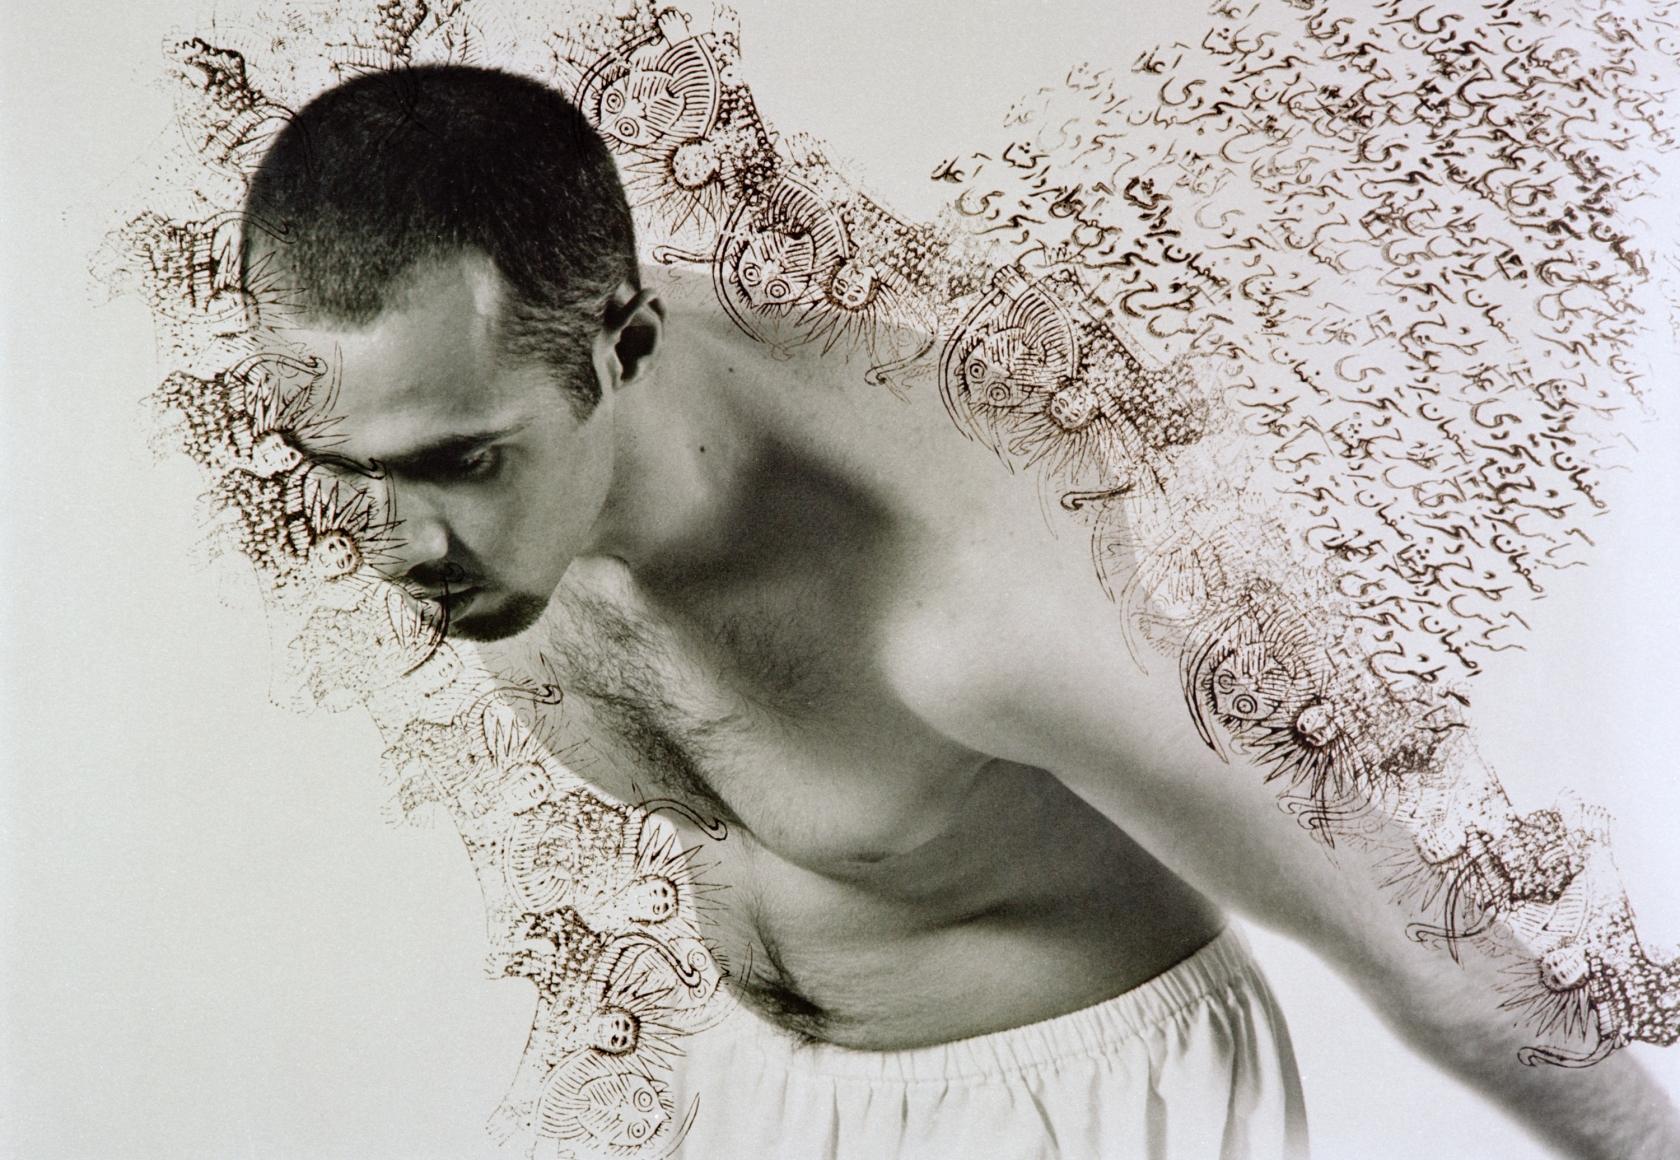 SADEGH TIRAFKAN, Body Curves, 2003